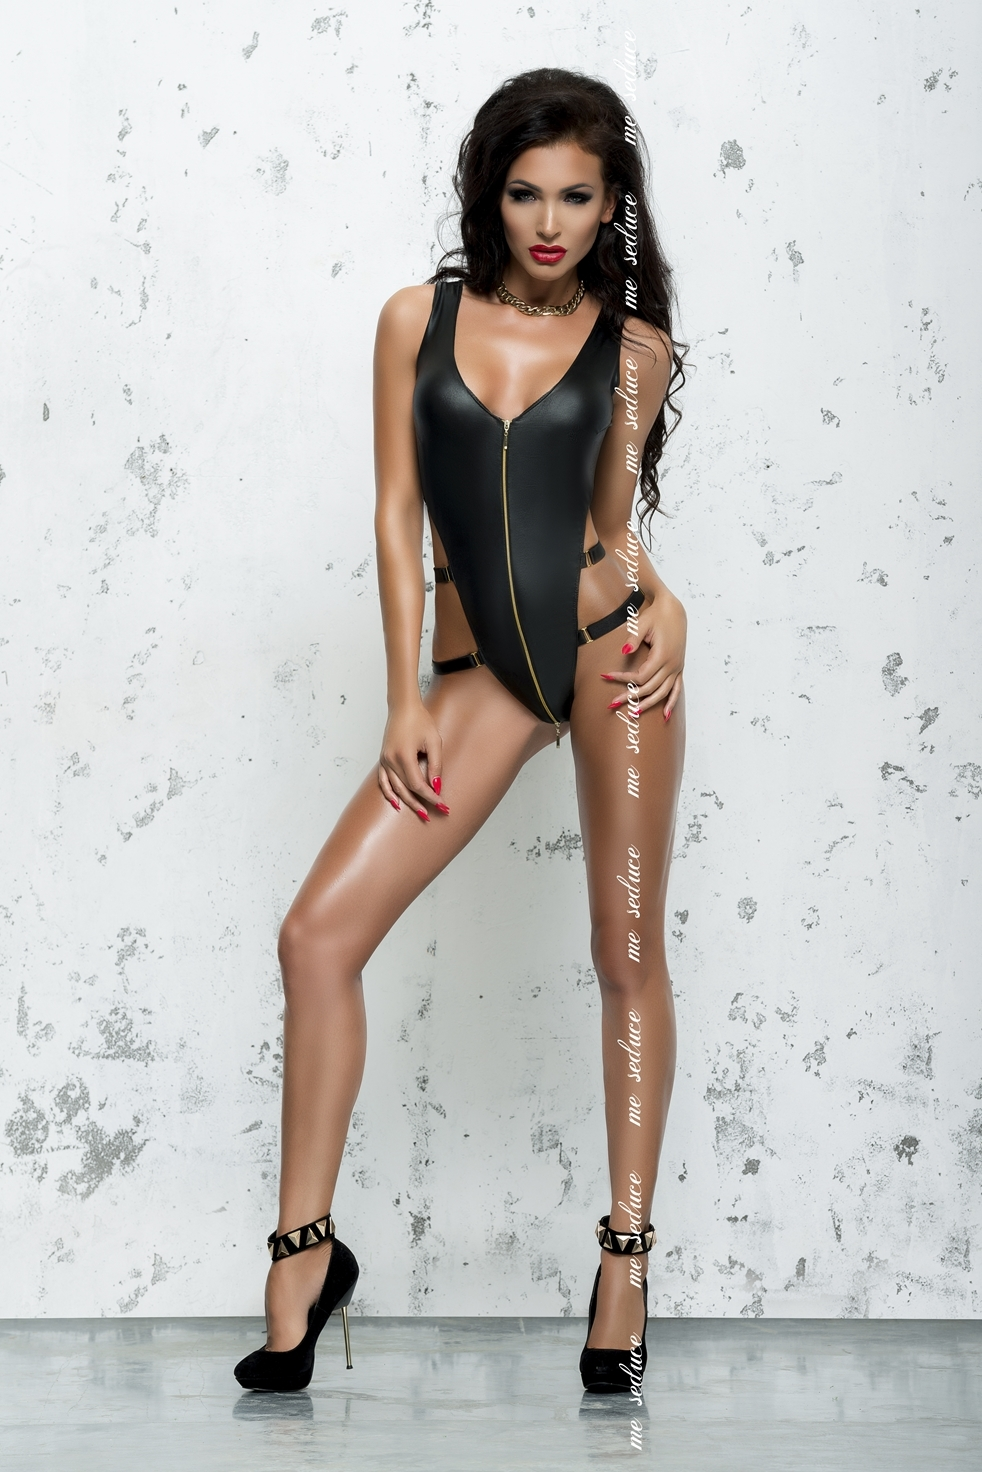 Bond Me - Blanche Black | LINGERIE & KLÄDER, FETISHKLÄDER TJEJ, Fetishkläder Plussize, Brands, Me Seduce, Fetish Body & Playsuits, SEXIGA UNDERKLÄDER, Bodys, Catsuits & Playsuits, PLUSSIZE | Intimast.se - Sexleksaker